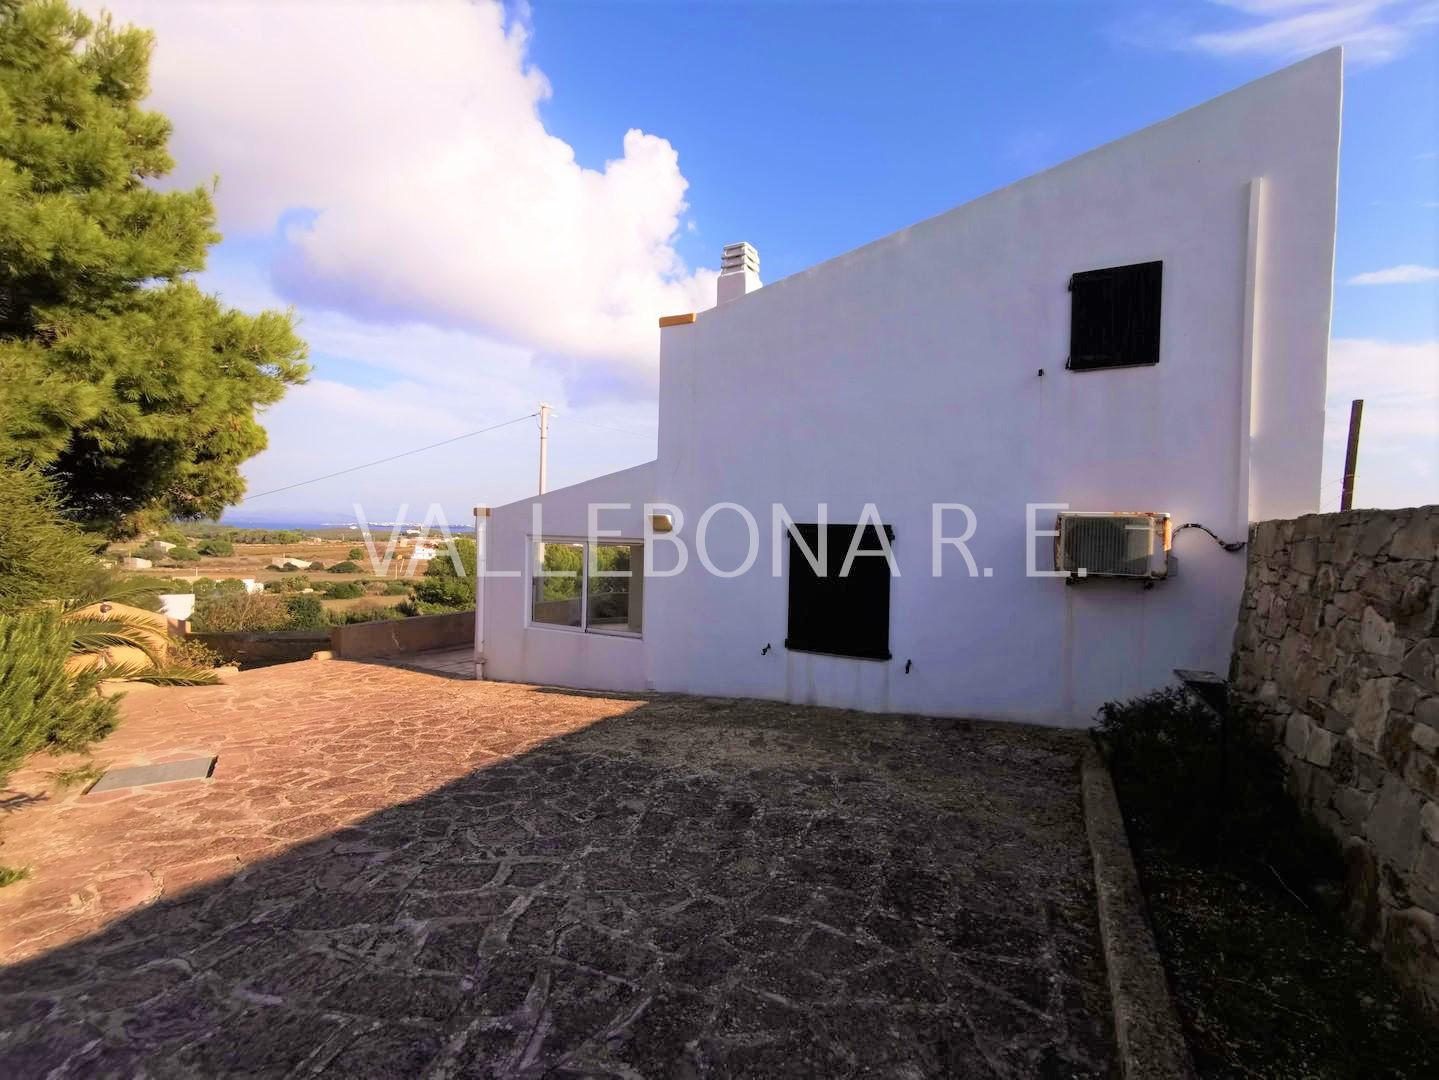 Villa in vendita a Carloforte, 4 locali, zona Località: Carlofortefuoripaese/Outsidetown, prezzo € 265.000 | CambioCasa.it